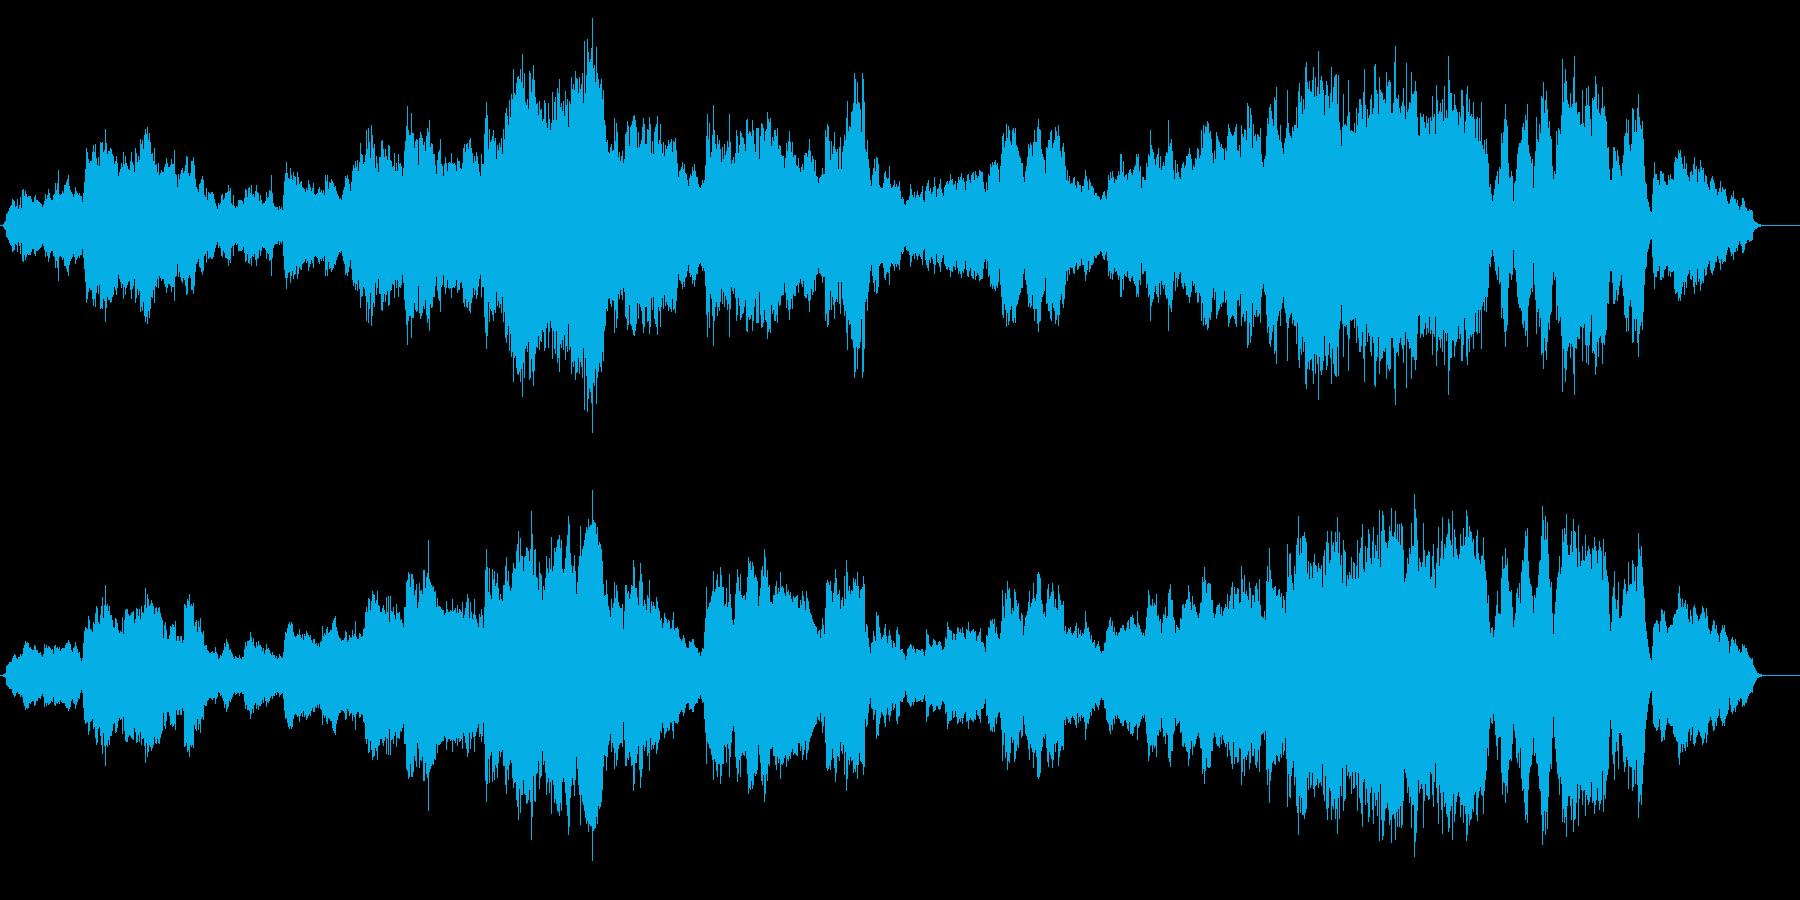 終宴後にも感動の余韻を残す劇的な退場曲の再生済みの波形